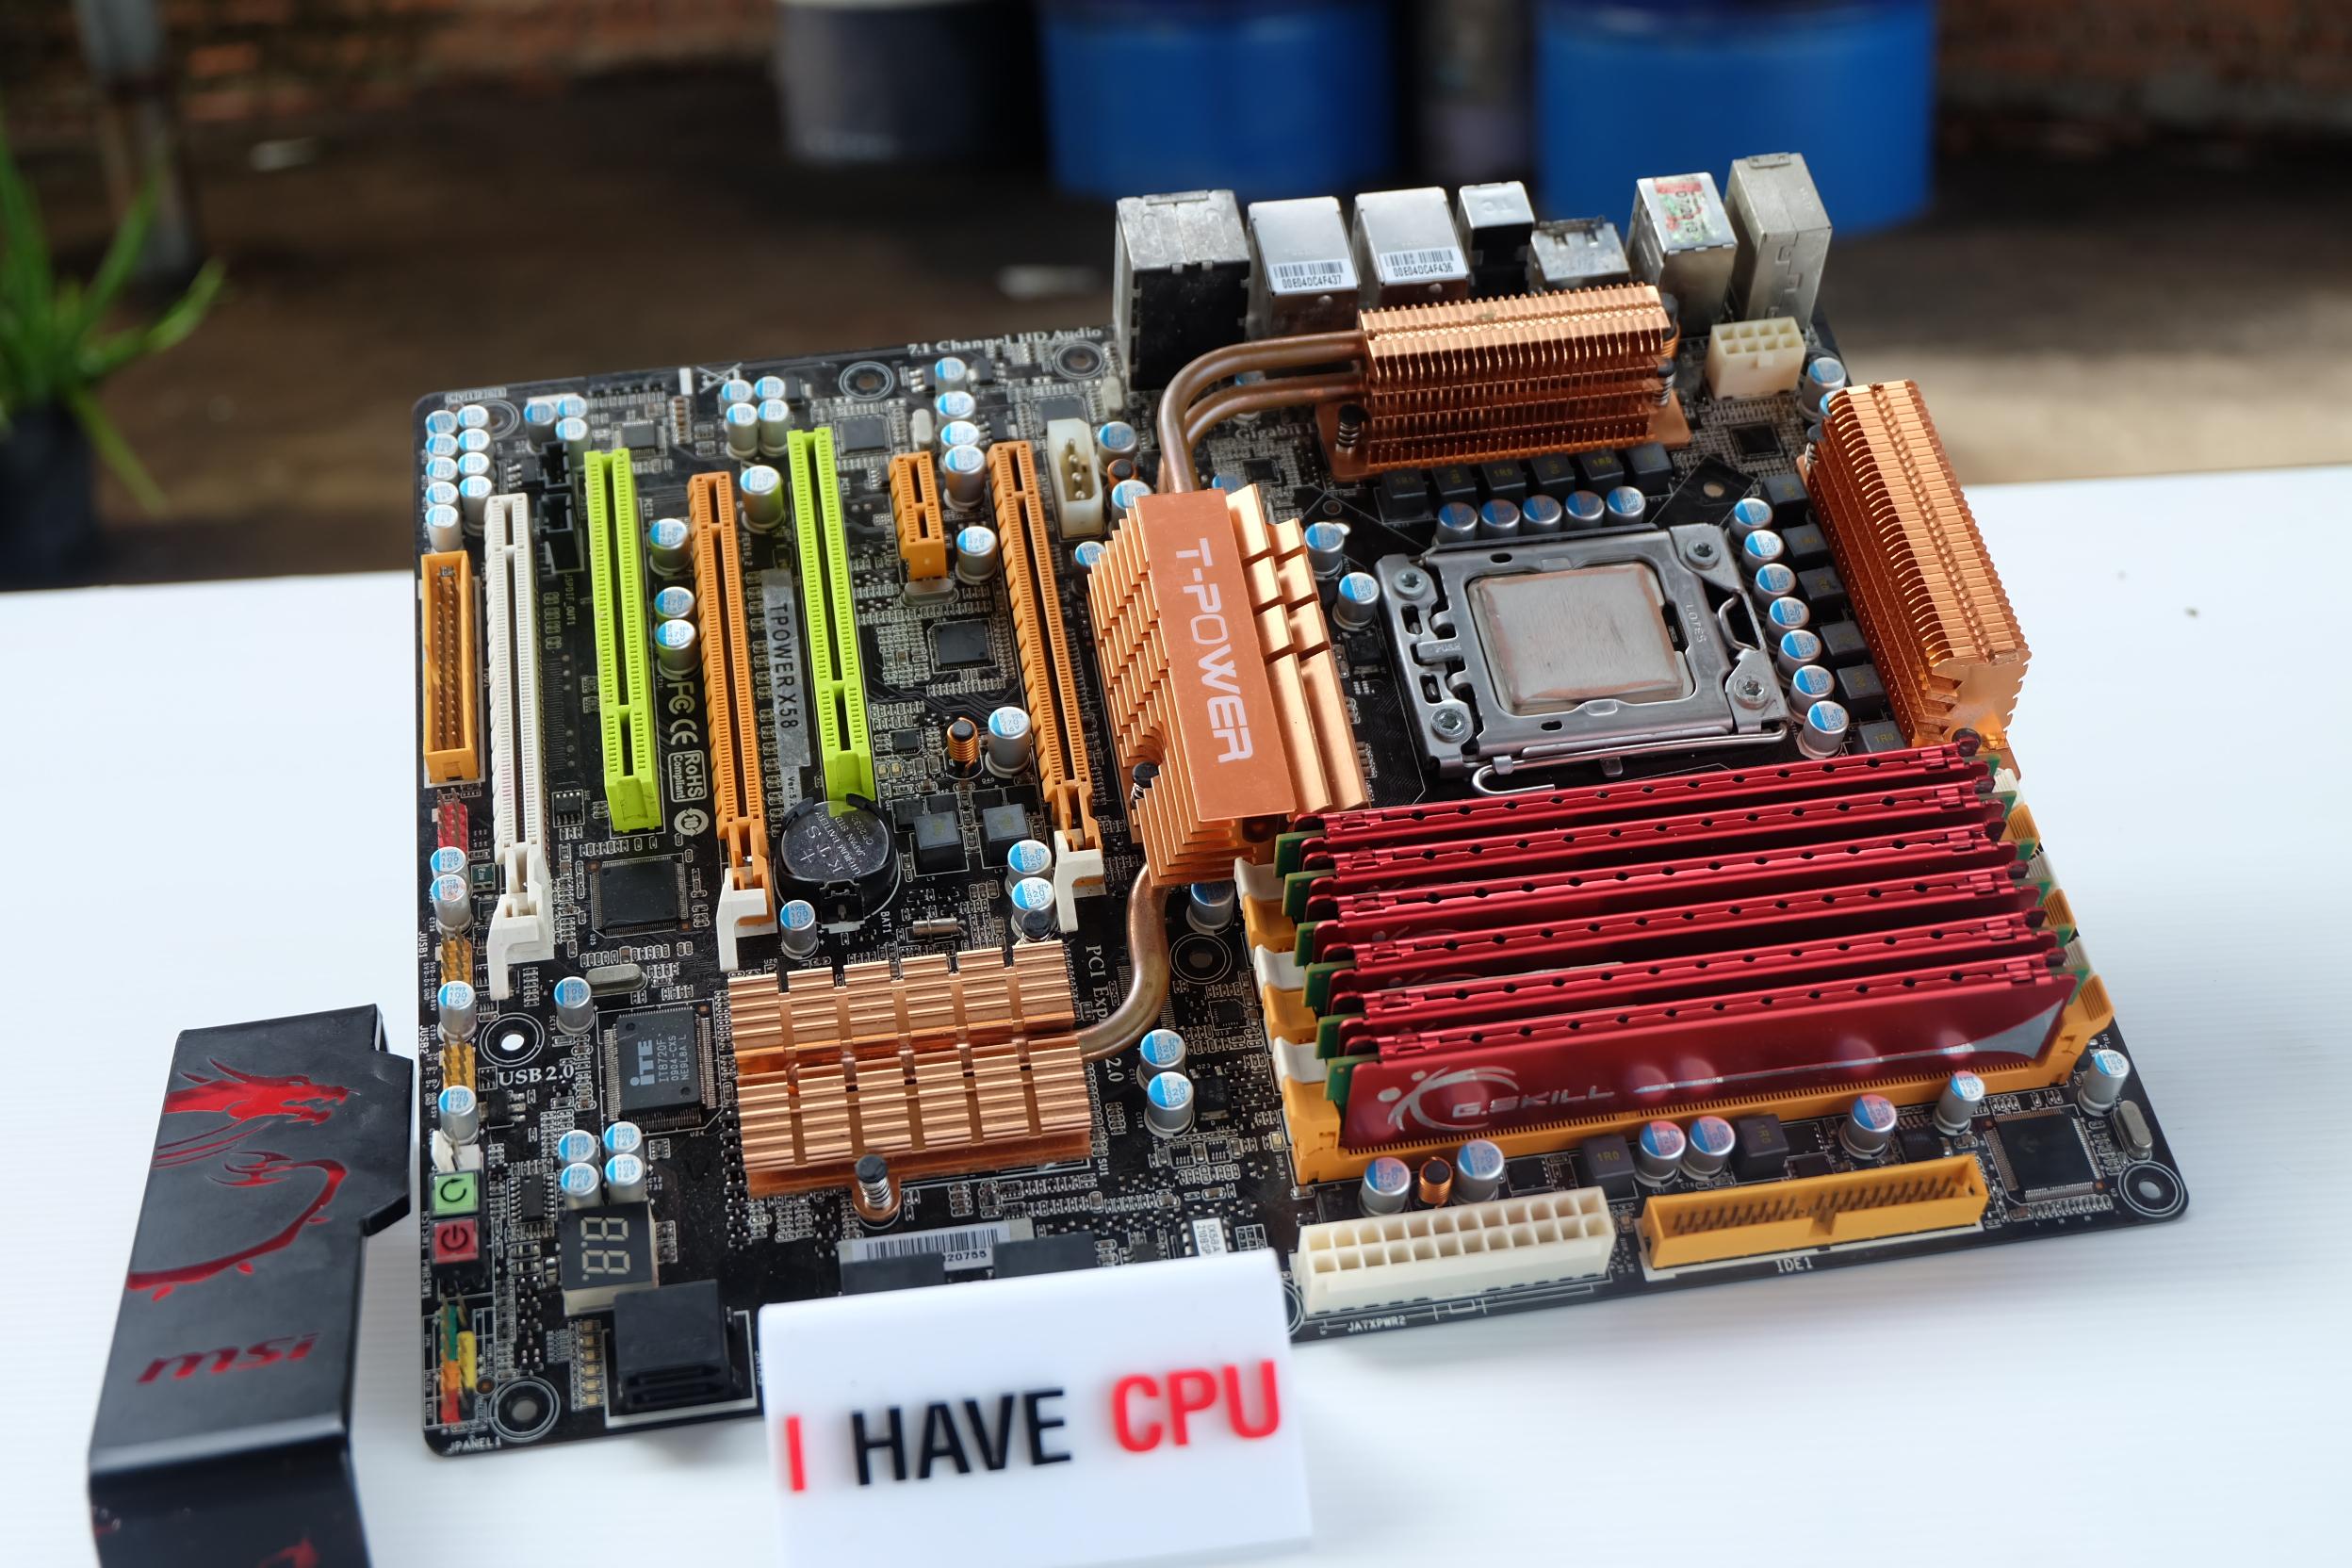 i7-920 2.66Ghz 4C 8T/ Biostar T-POWER X58 / 6GB DDR3